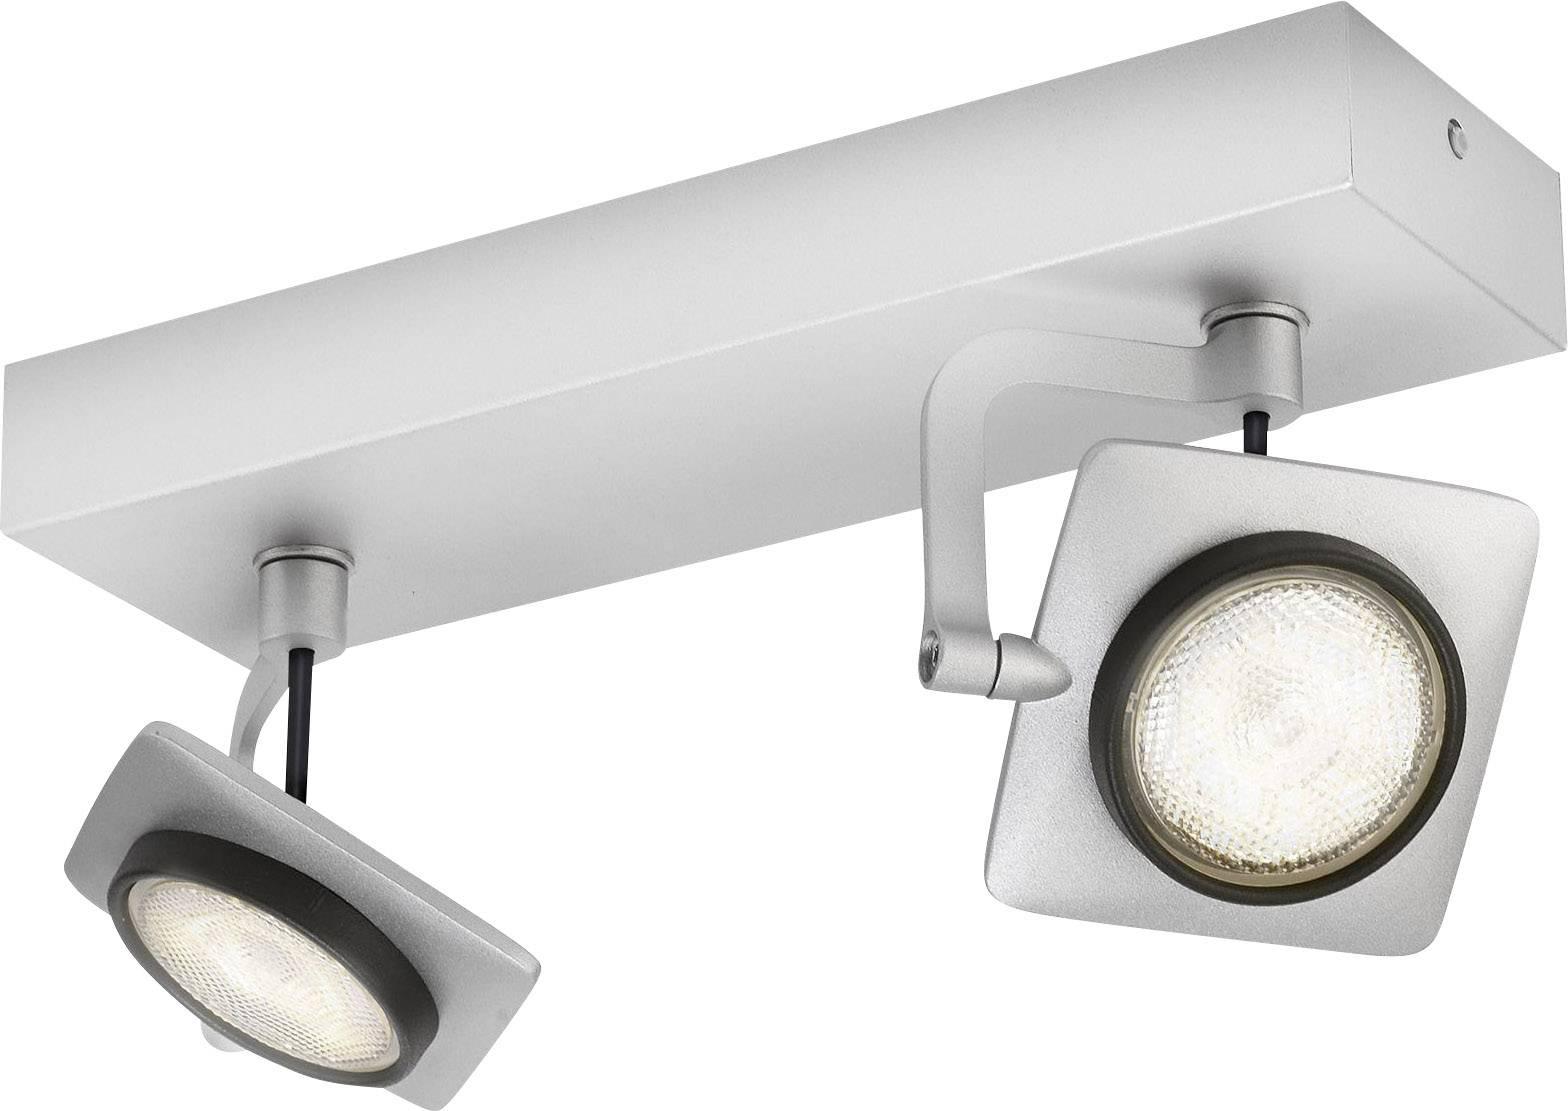 Faretto led da soffitto w bianco caldo philips lighting